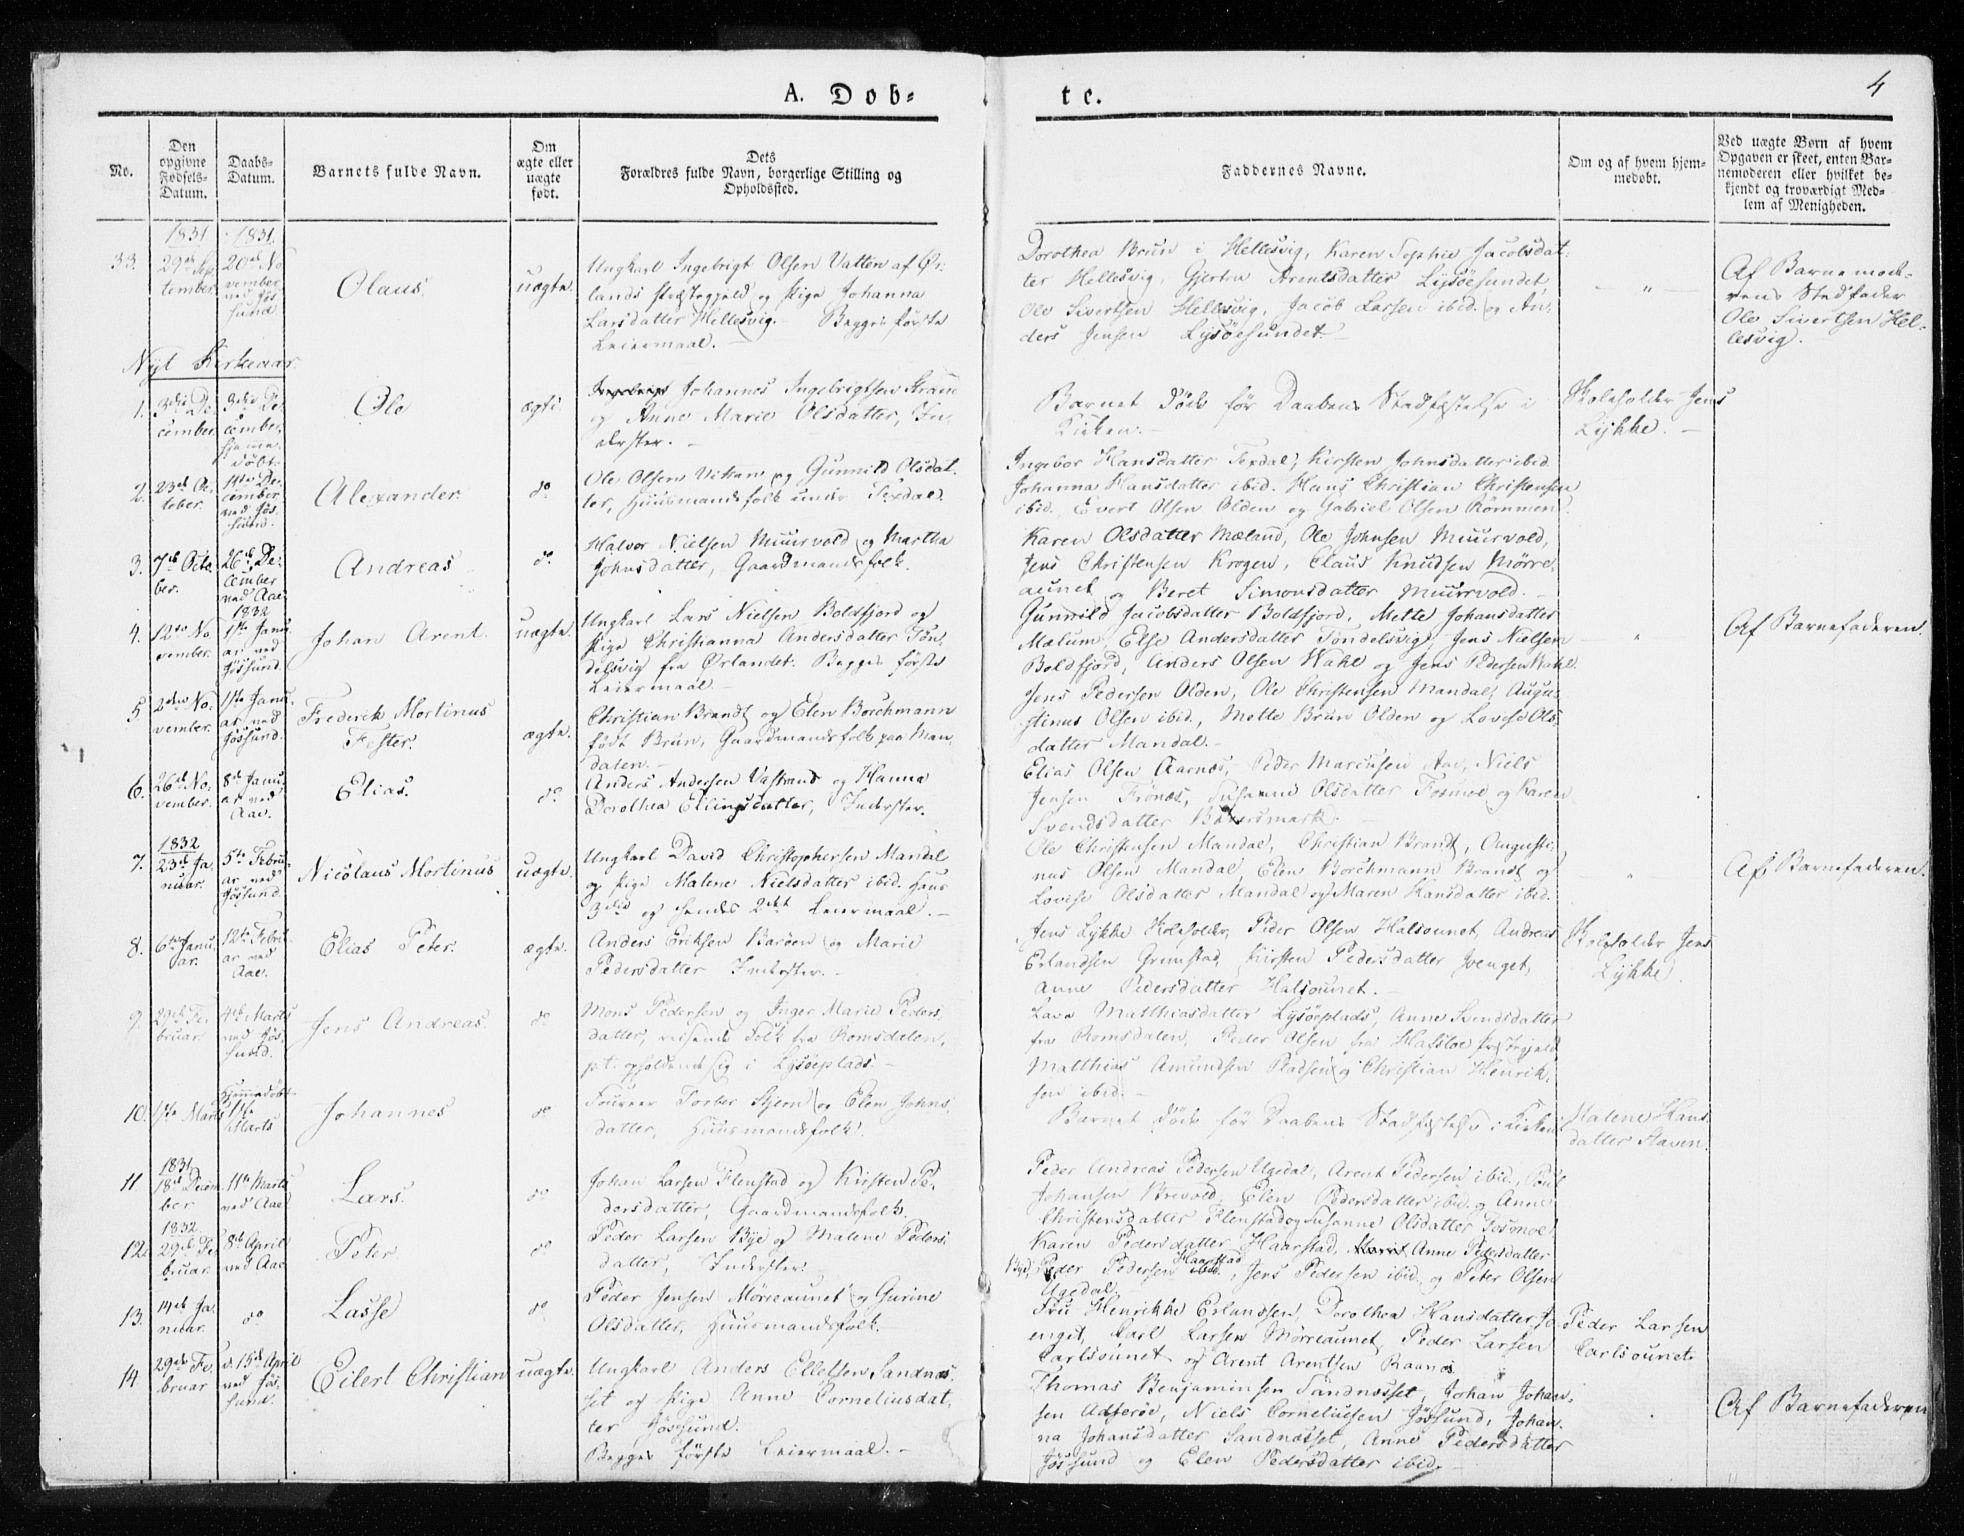 SAT, Ministerialprotokoller, klokkerbøker og fødselsregistre - Sør-Trøndelag, 655/L0676: Ministerialbok nr. 655A05, 1830-1847, s. 4